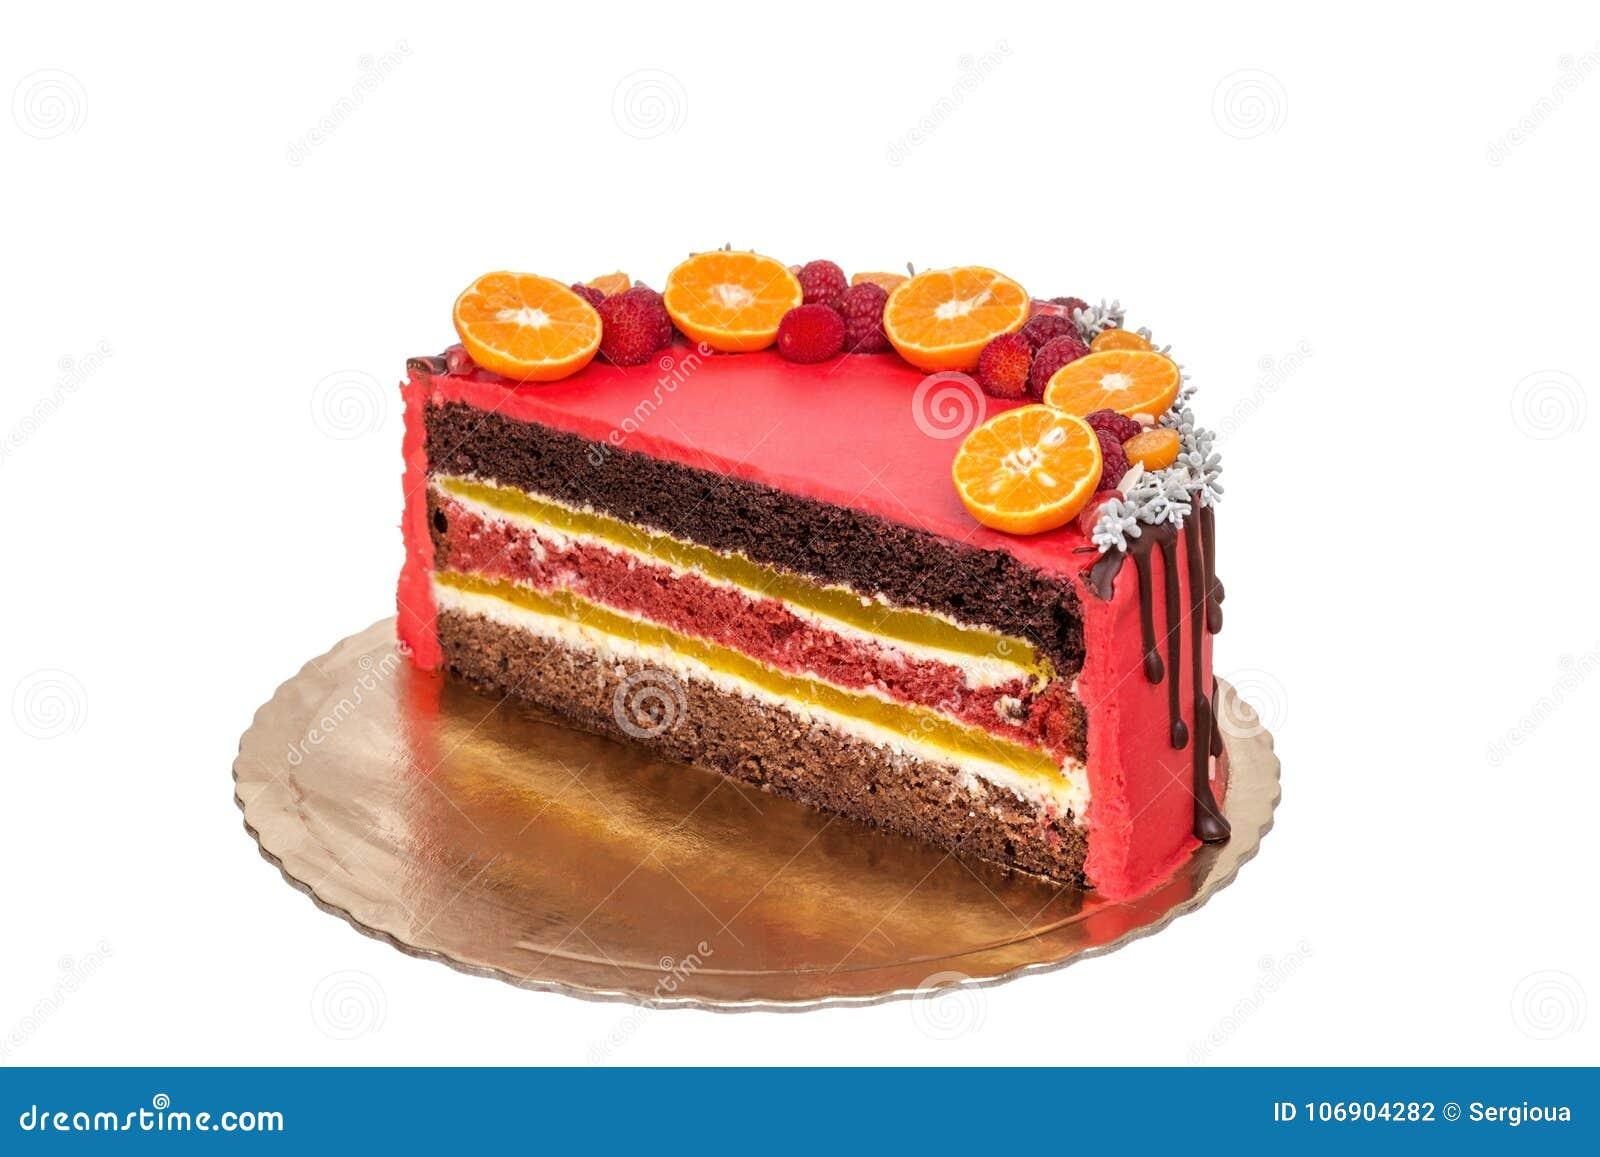 Wyśmienicie czerwona owoc i czekoladowy tort w cięciu